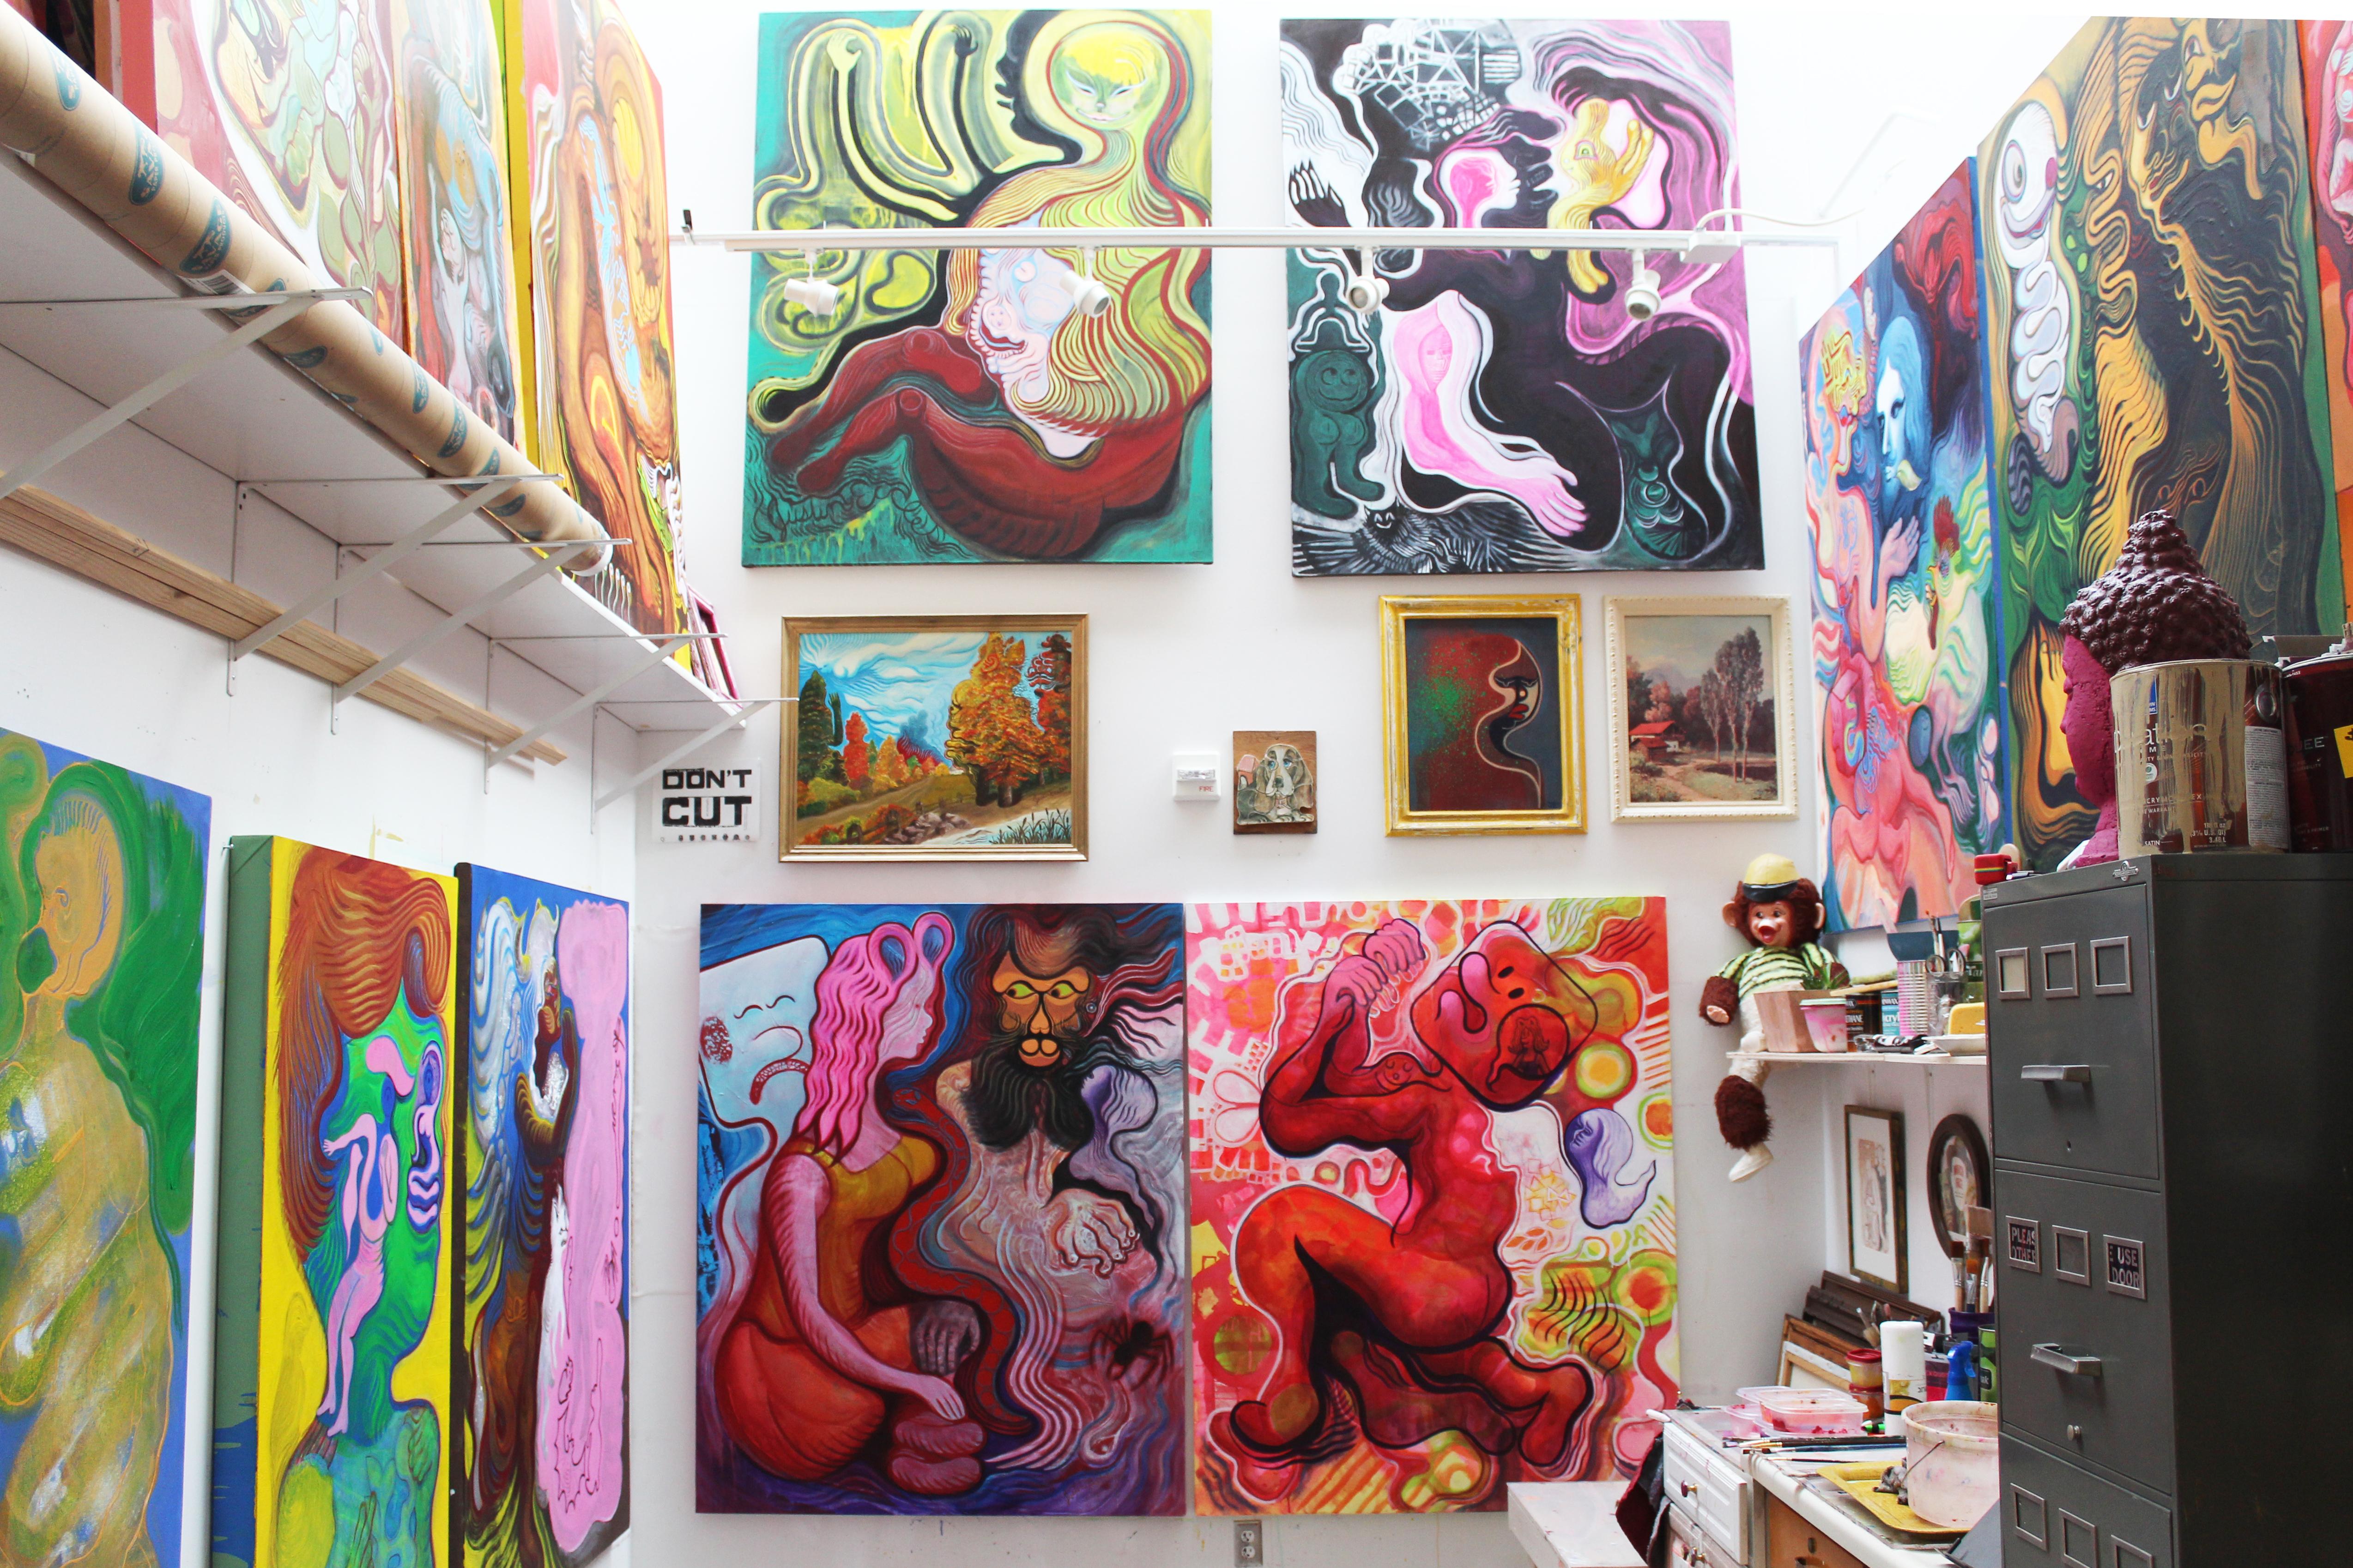 UW studio